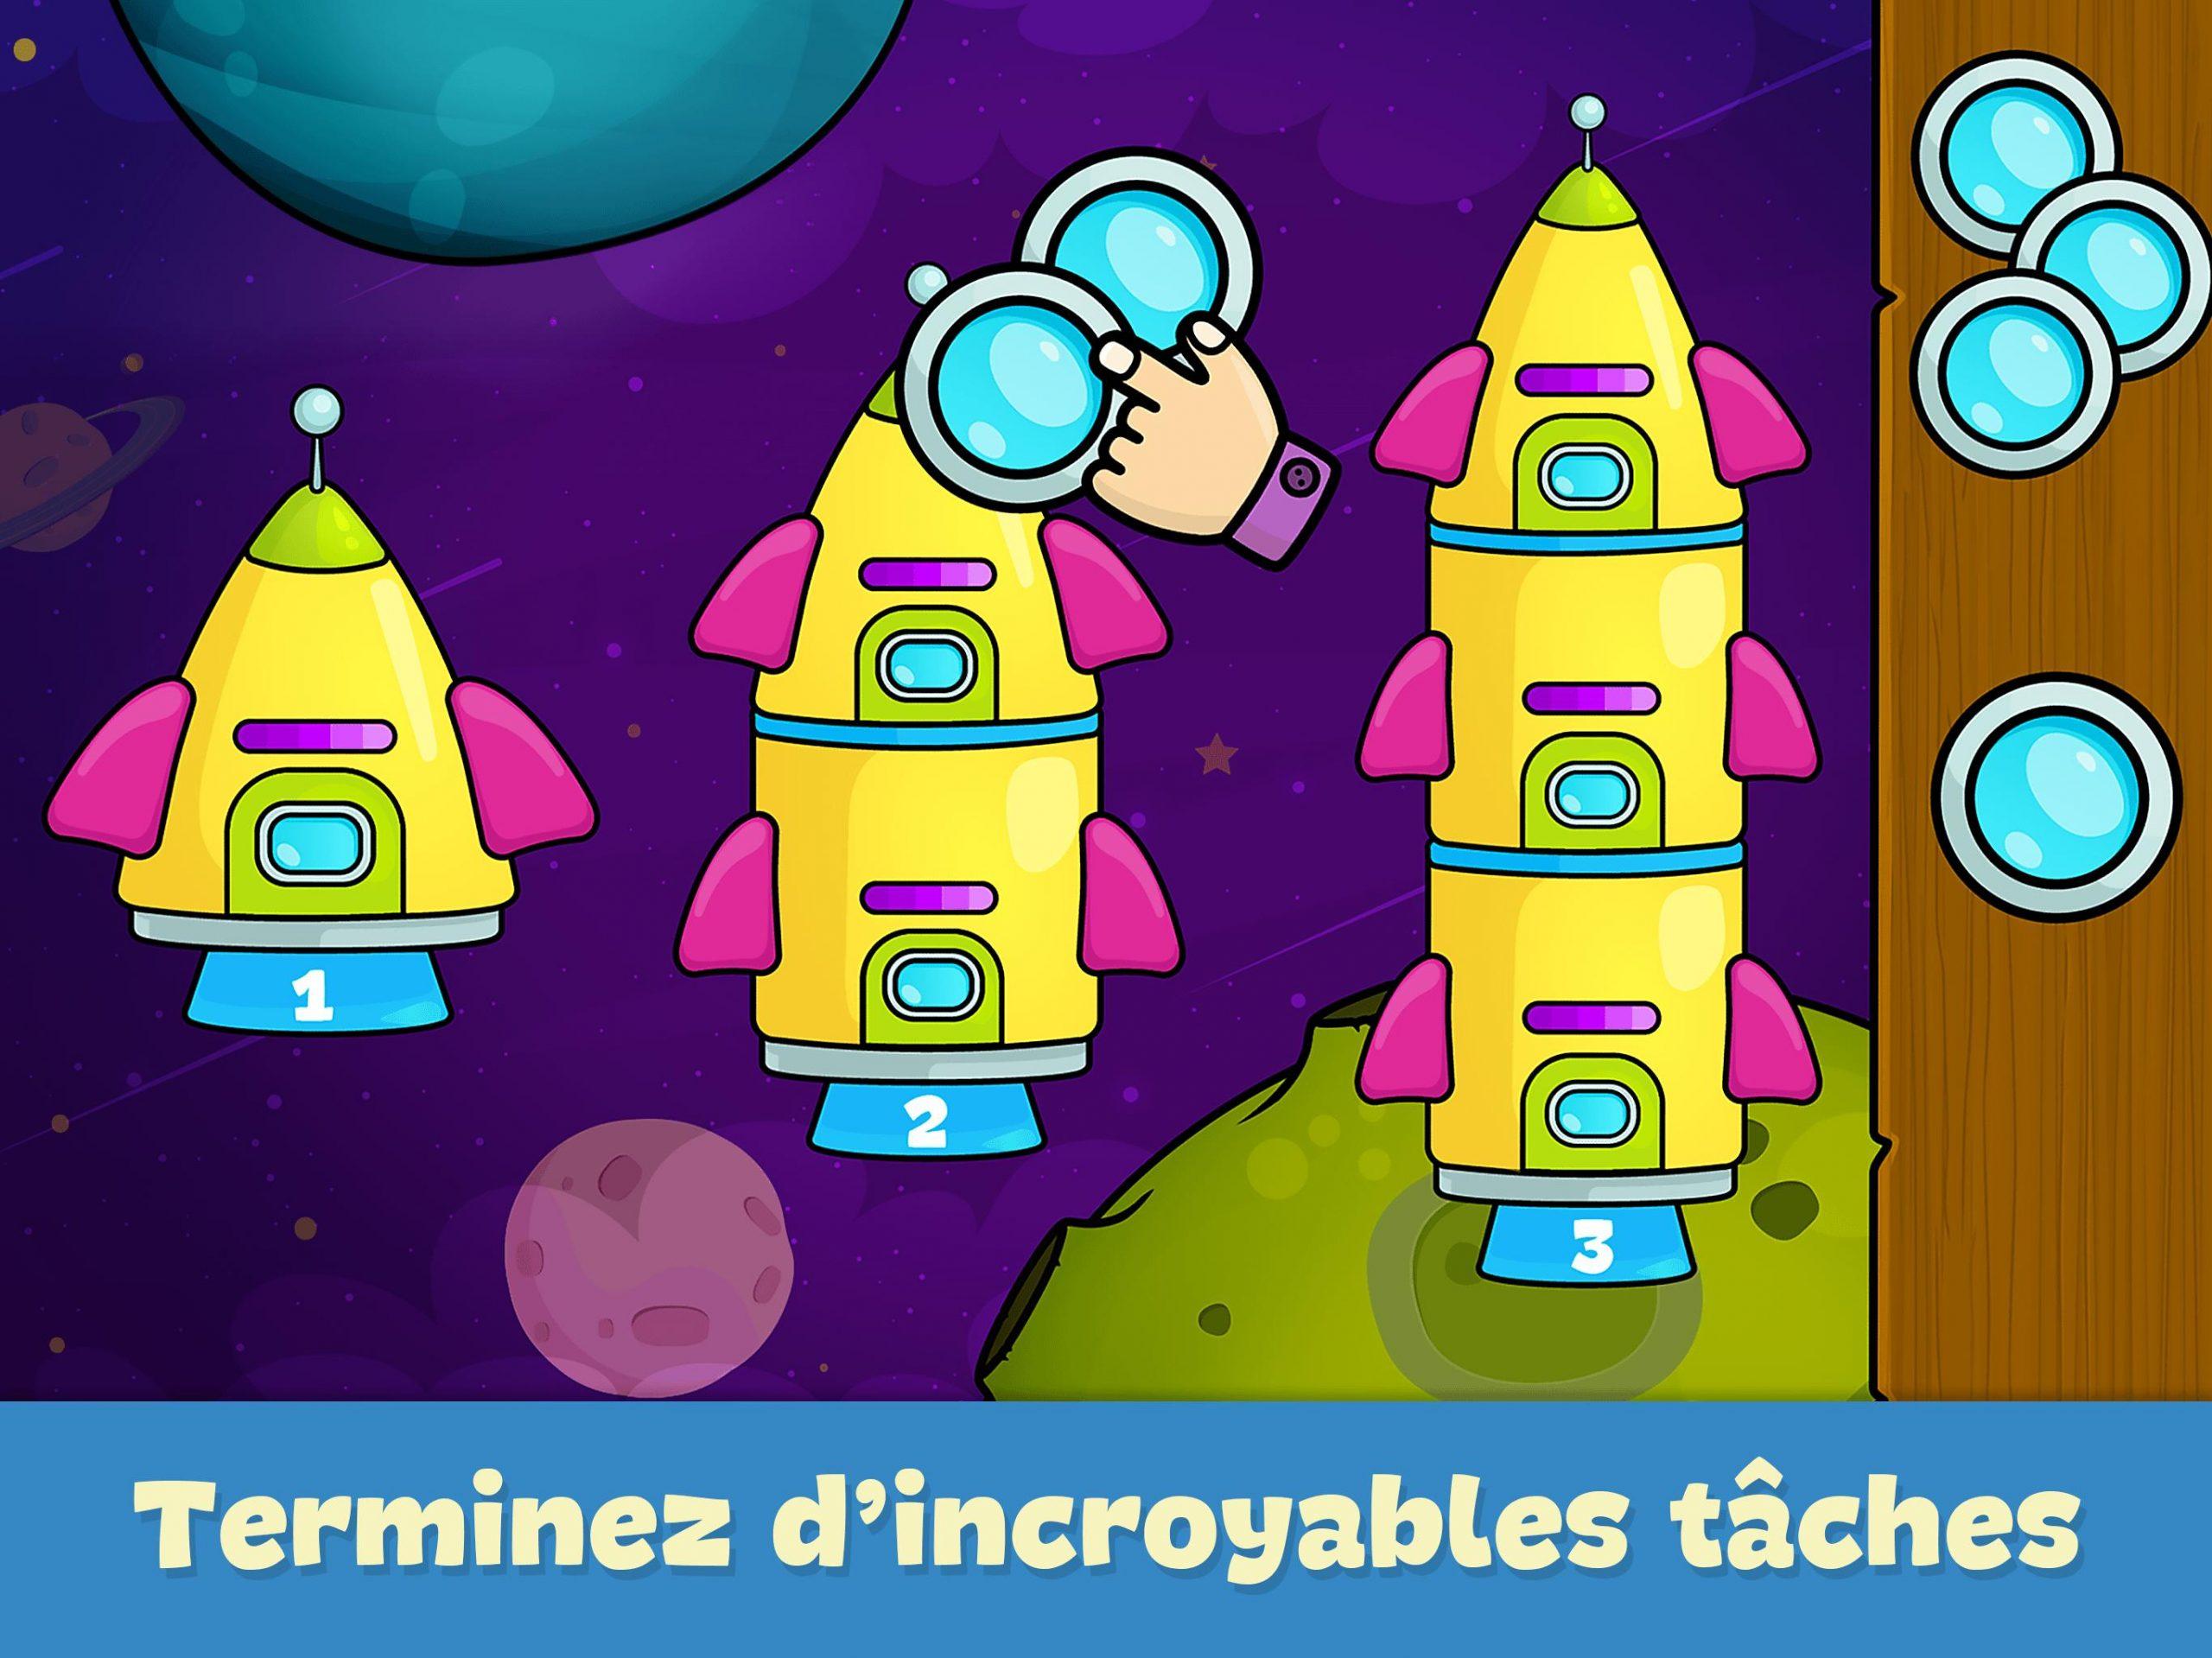 Jeux Pour Enfants 2 - 5 Ans Pour Android - Téléchargez L'apk destiné Jeux Gratuits Pour Bebe De 3 Ans